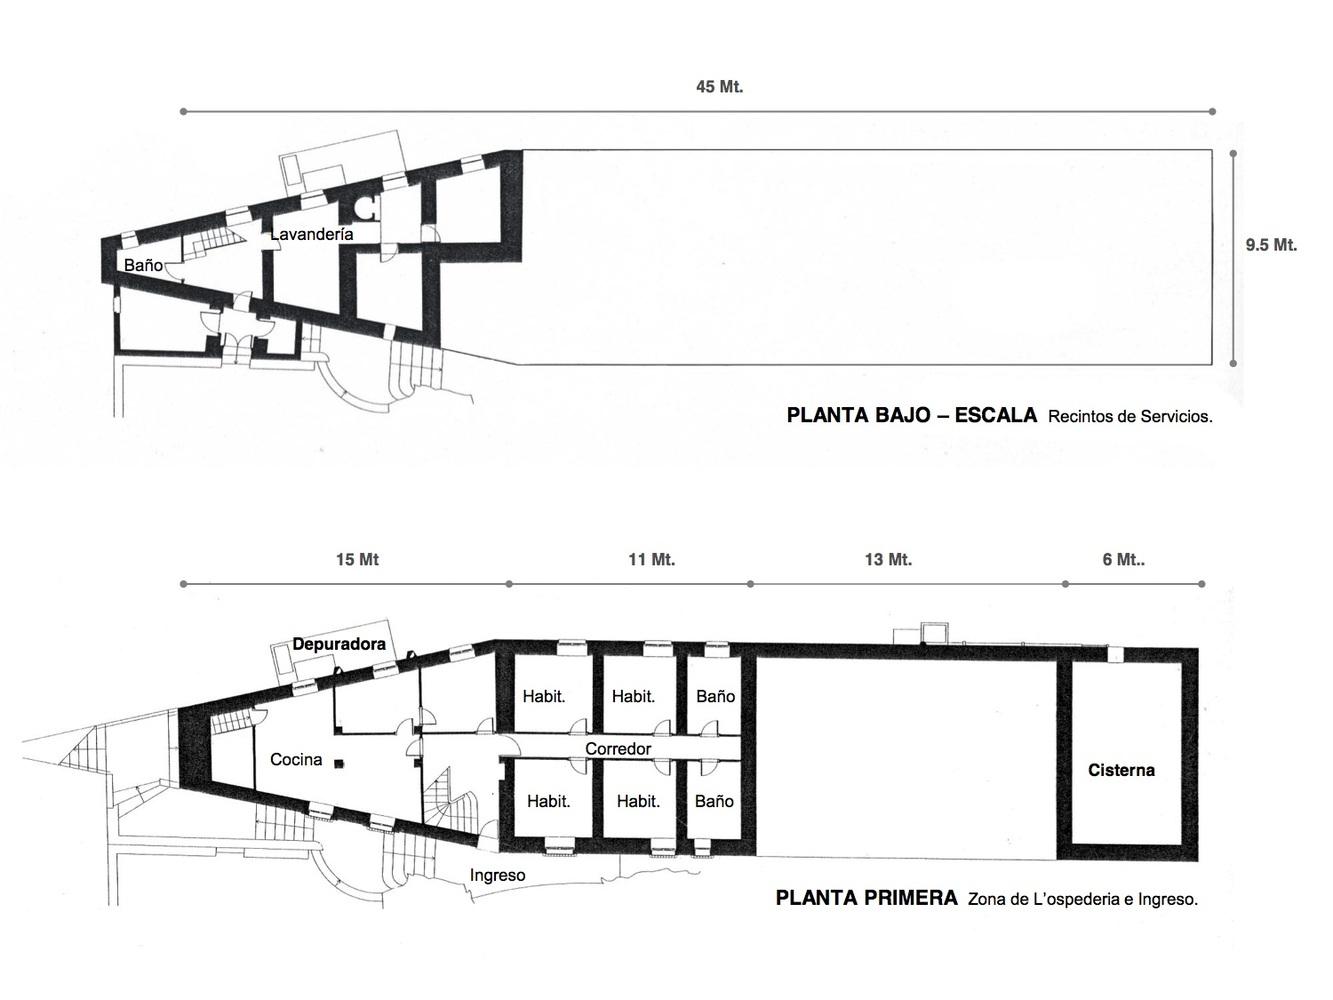 Plantas 0 y PB. Casa Malaparte. Planta Nivel 0 y 1. Imagen © Gloria Saravia. PhD Arquitecta UPC Barcelona España